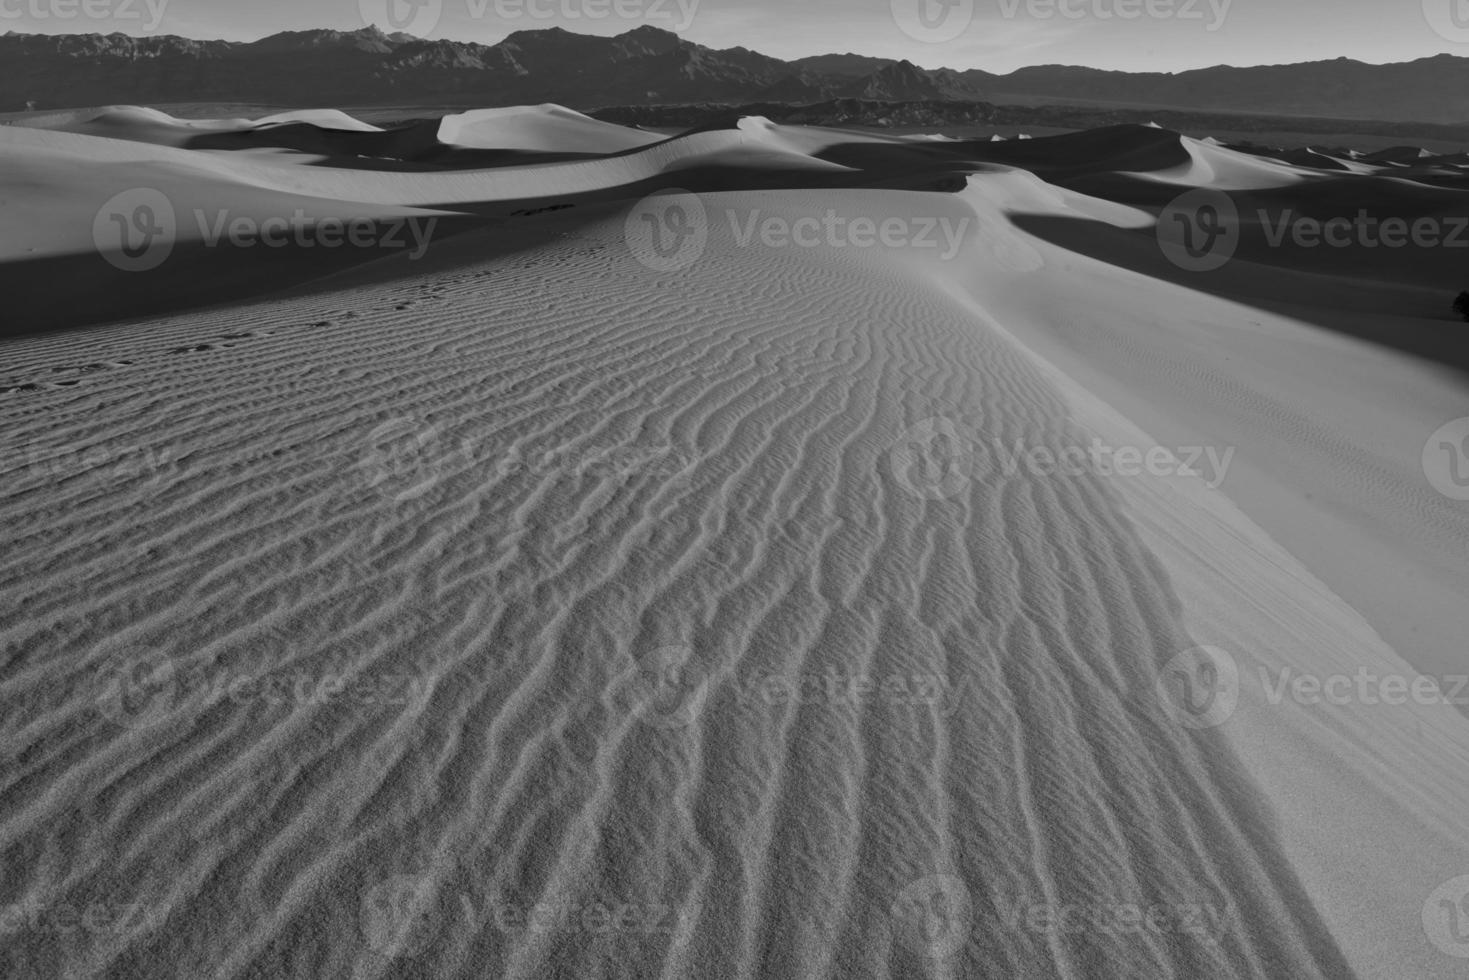 dune di sabbia e montagne nel paesaggio desertico foto